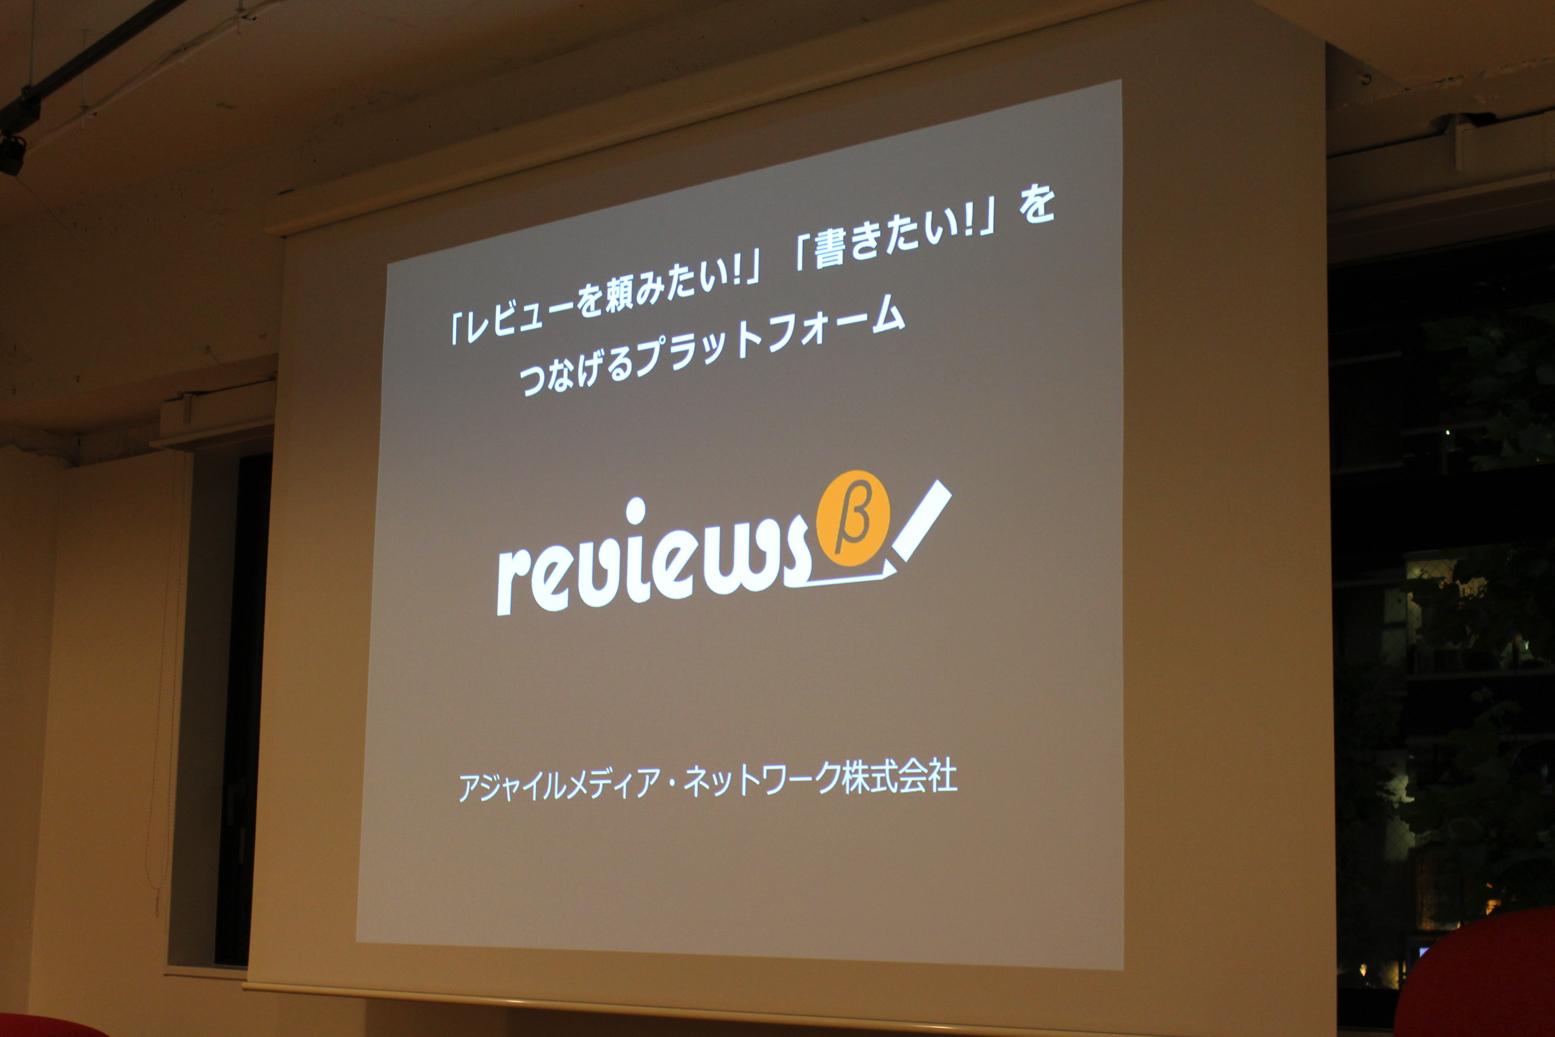 レビューを頼みたい企業とブロガーをつなげるサービス『reviews(レビューズ)』公認ブロガーになりました